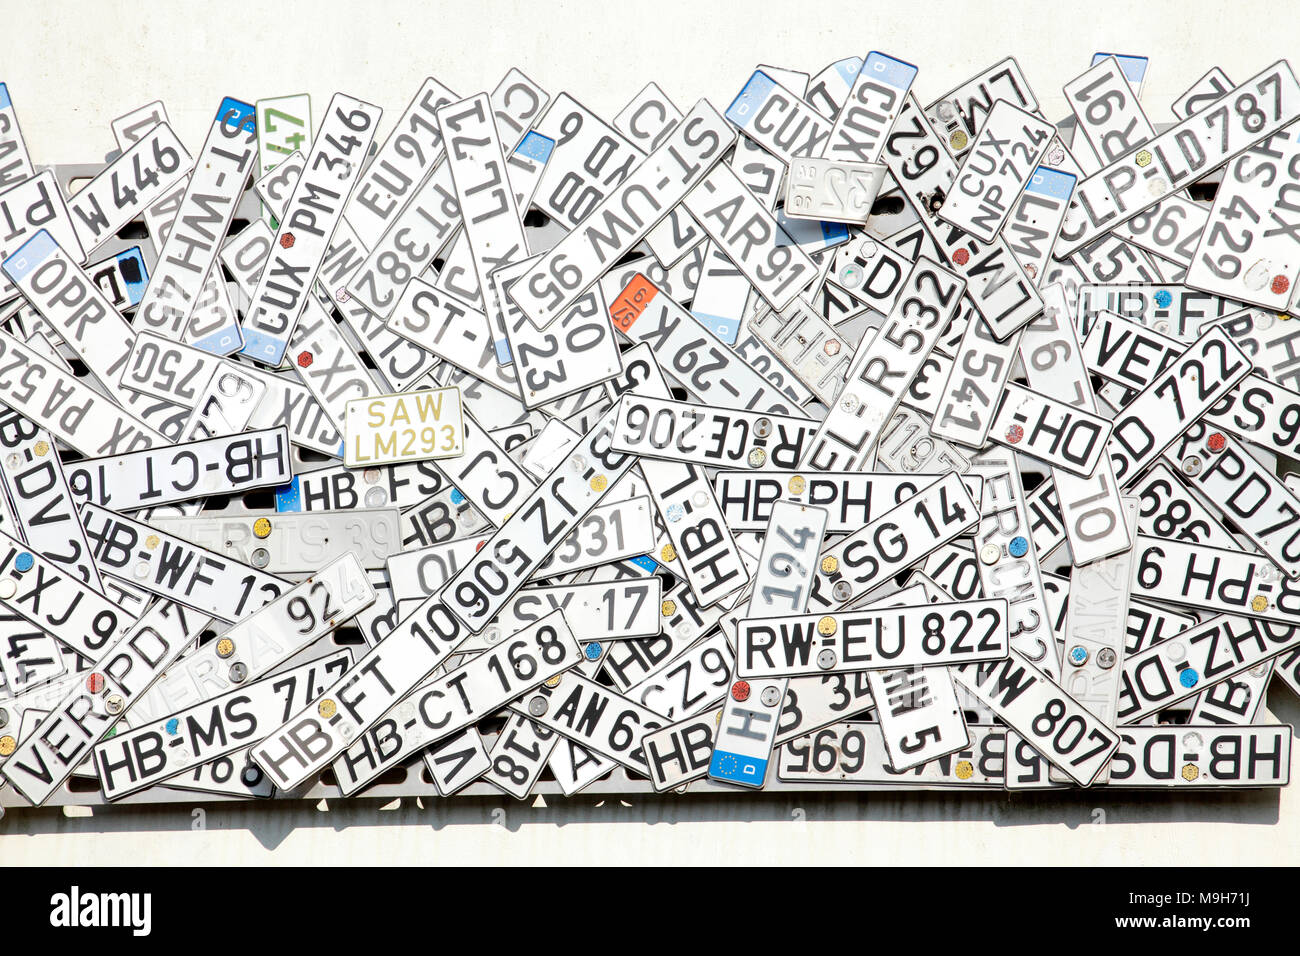 Alte Kennzeichen An Einer Wand Auf Einem Schrottplatz Bremen